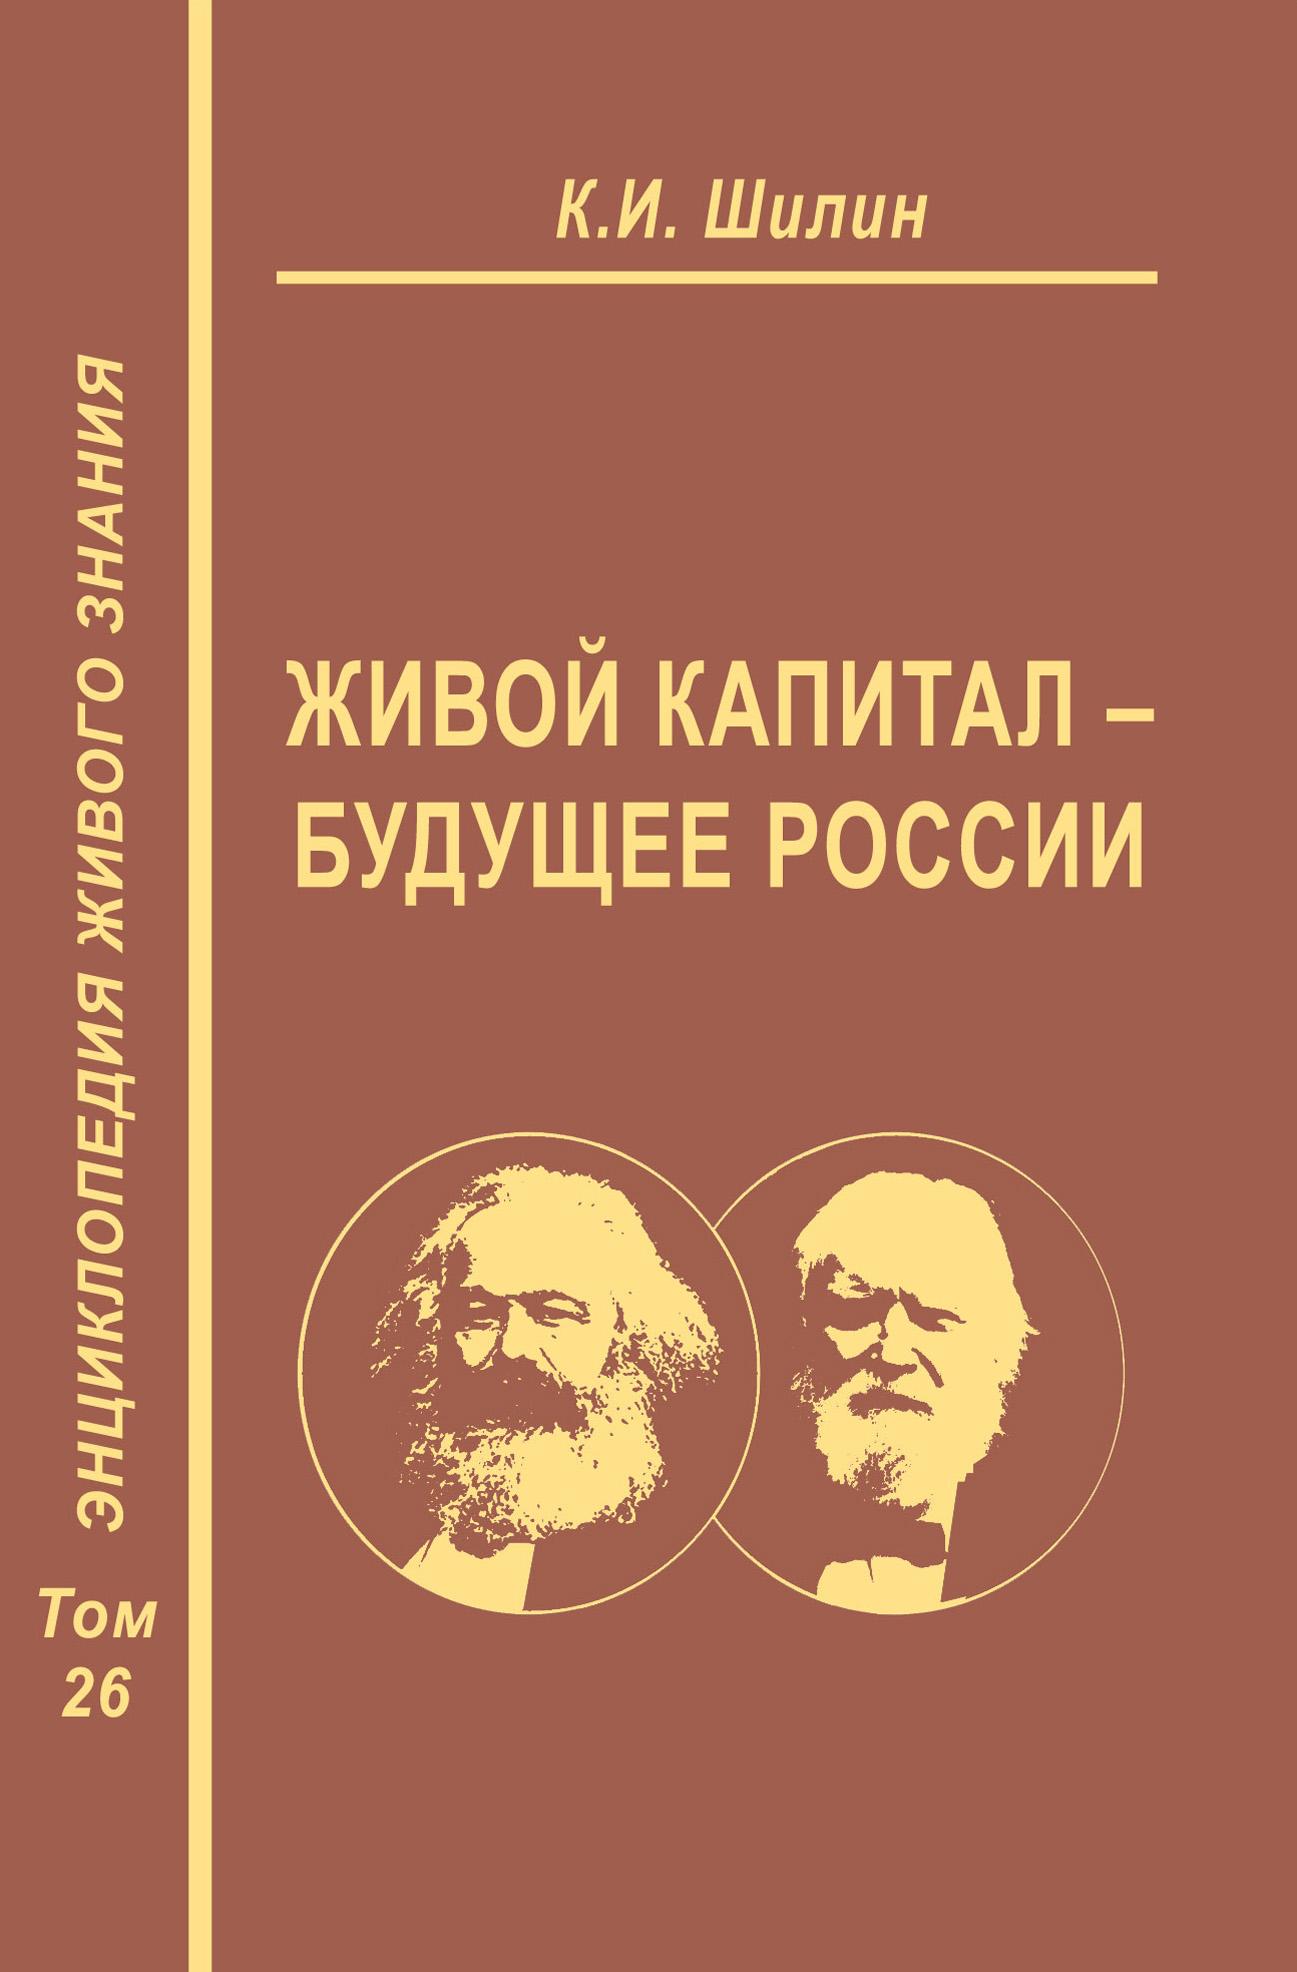 Живой капитал – будущее России